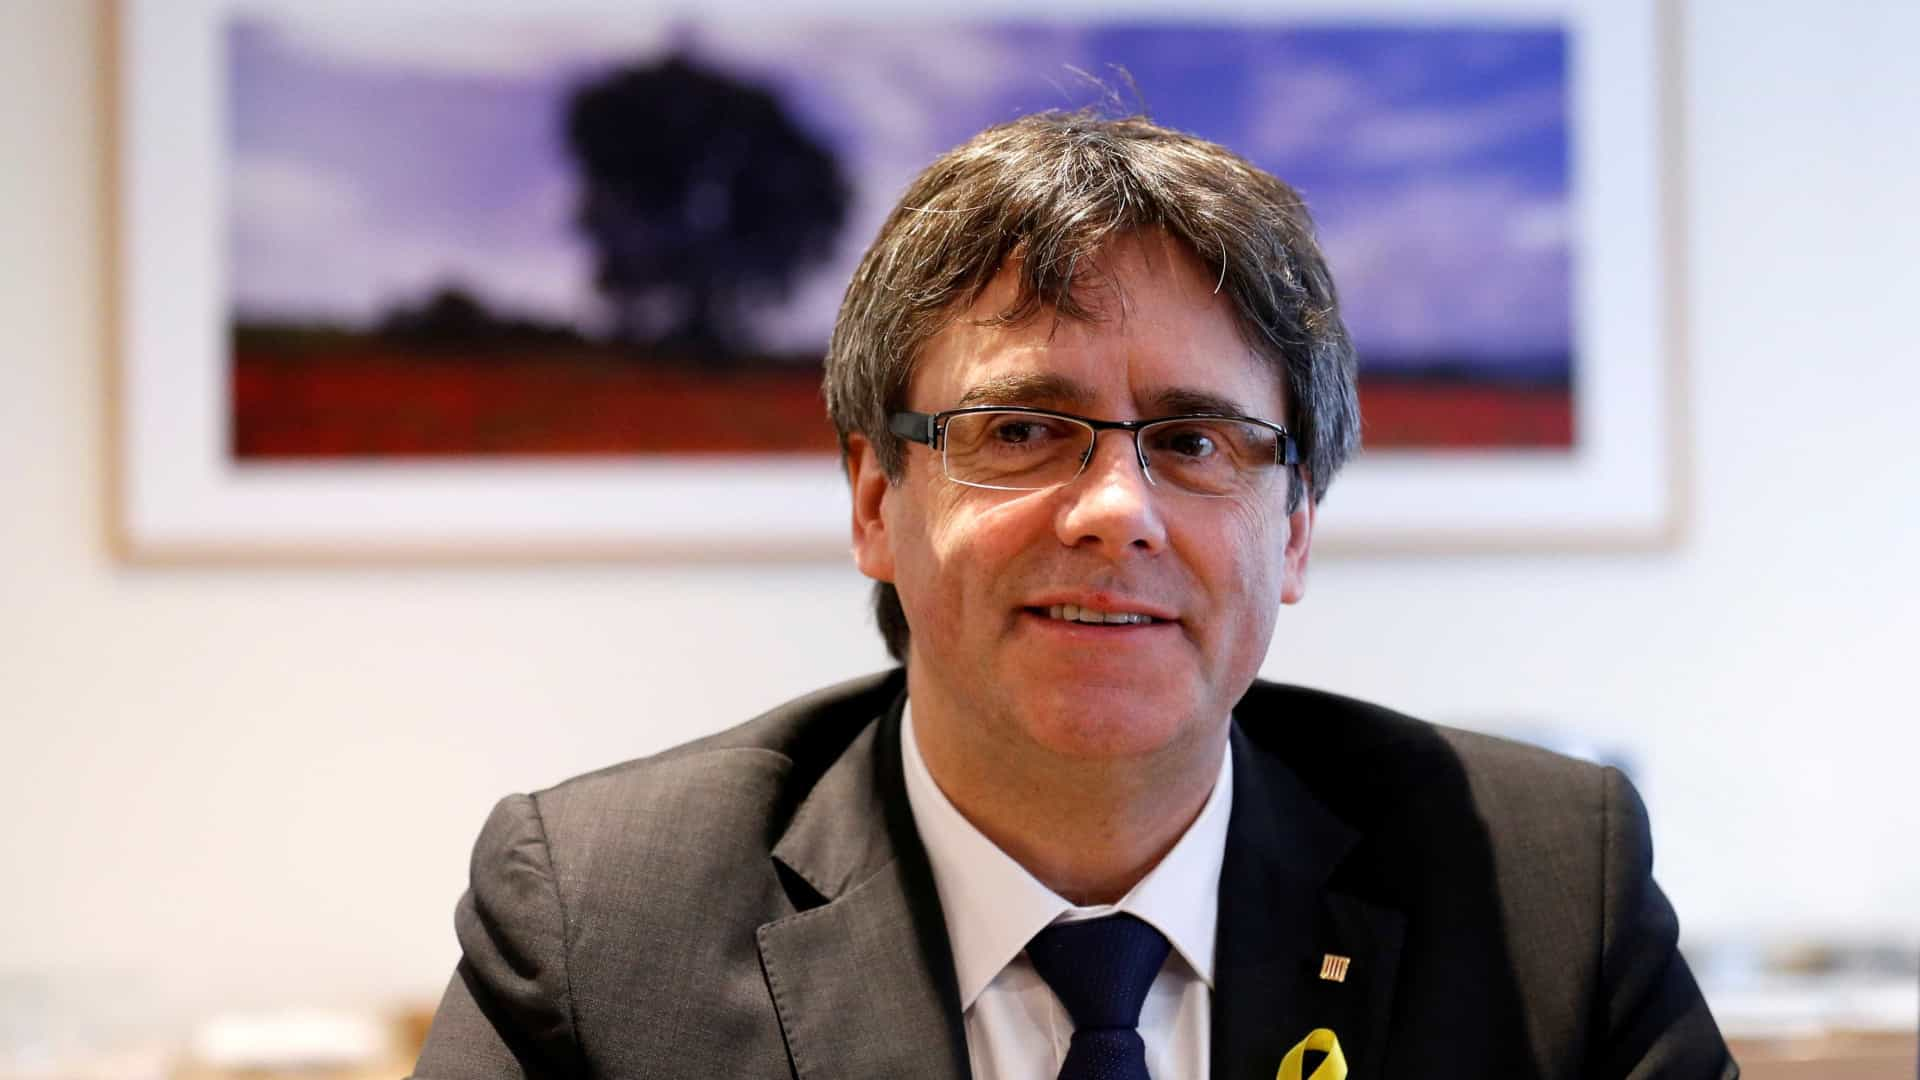 Catalunha: Justiça nega reativar pedido de prisão de Puigdemont